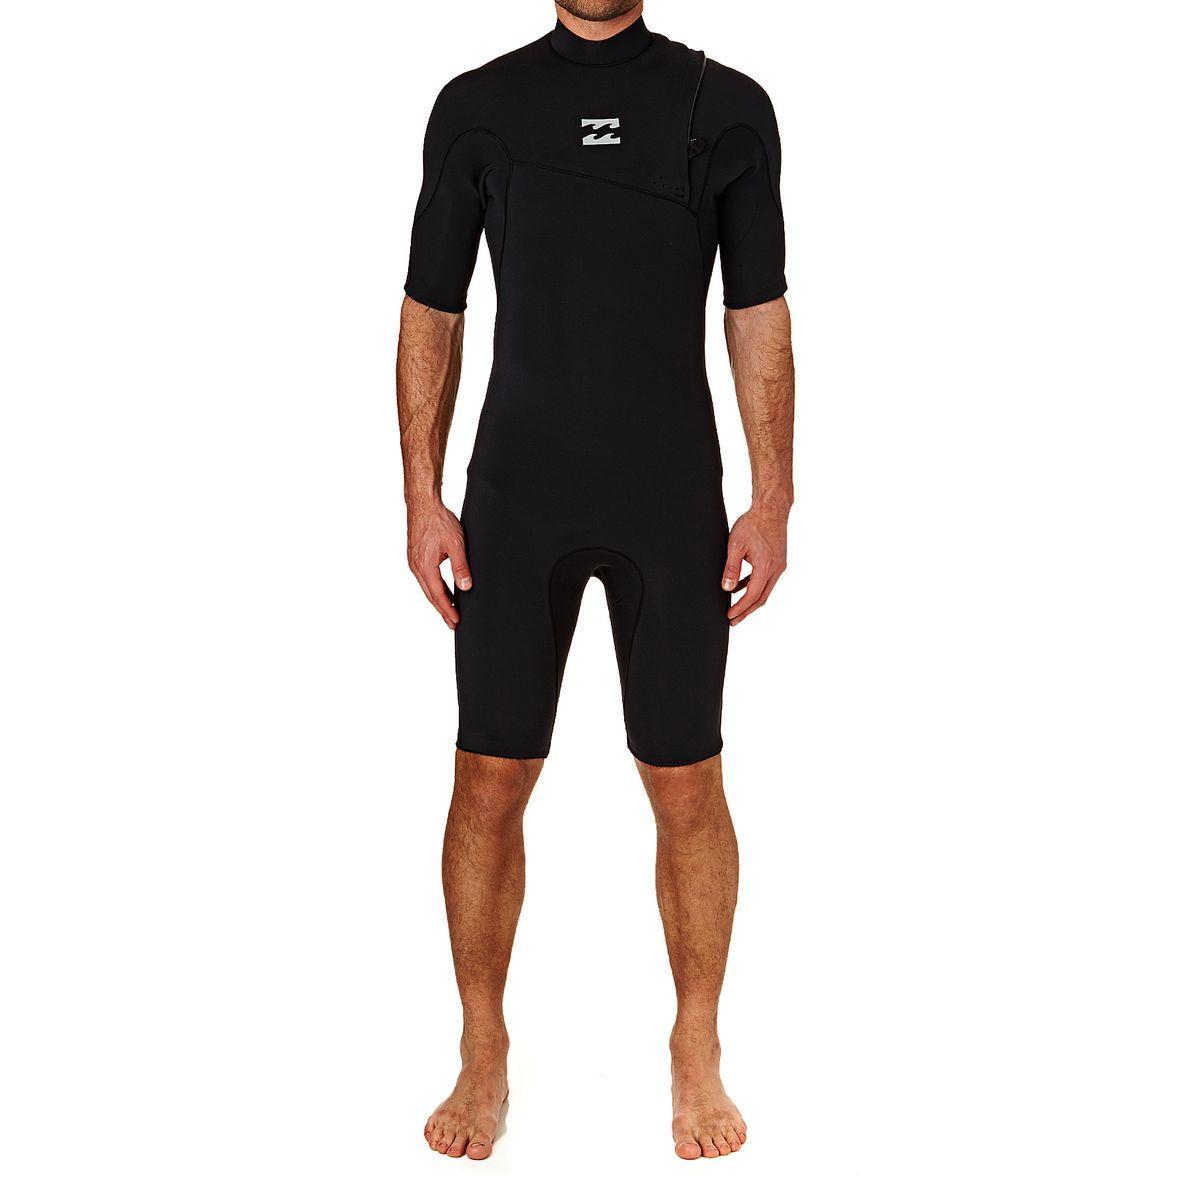 Billabong Pro Series 2mm 2017 Zipperless Short Sleeve Shorty Wetsuit - Black